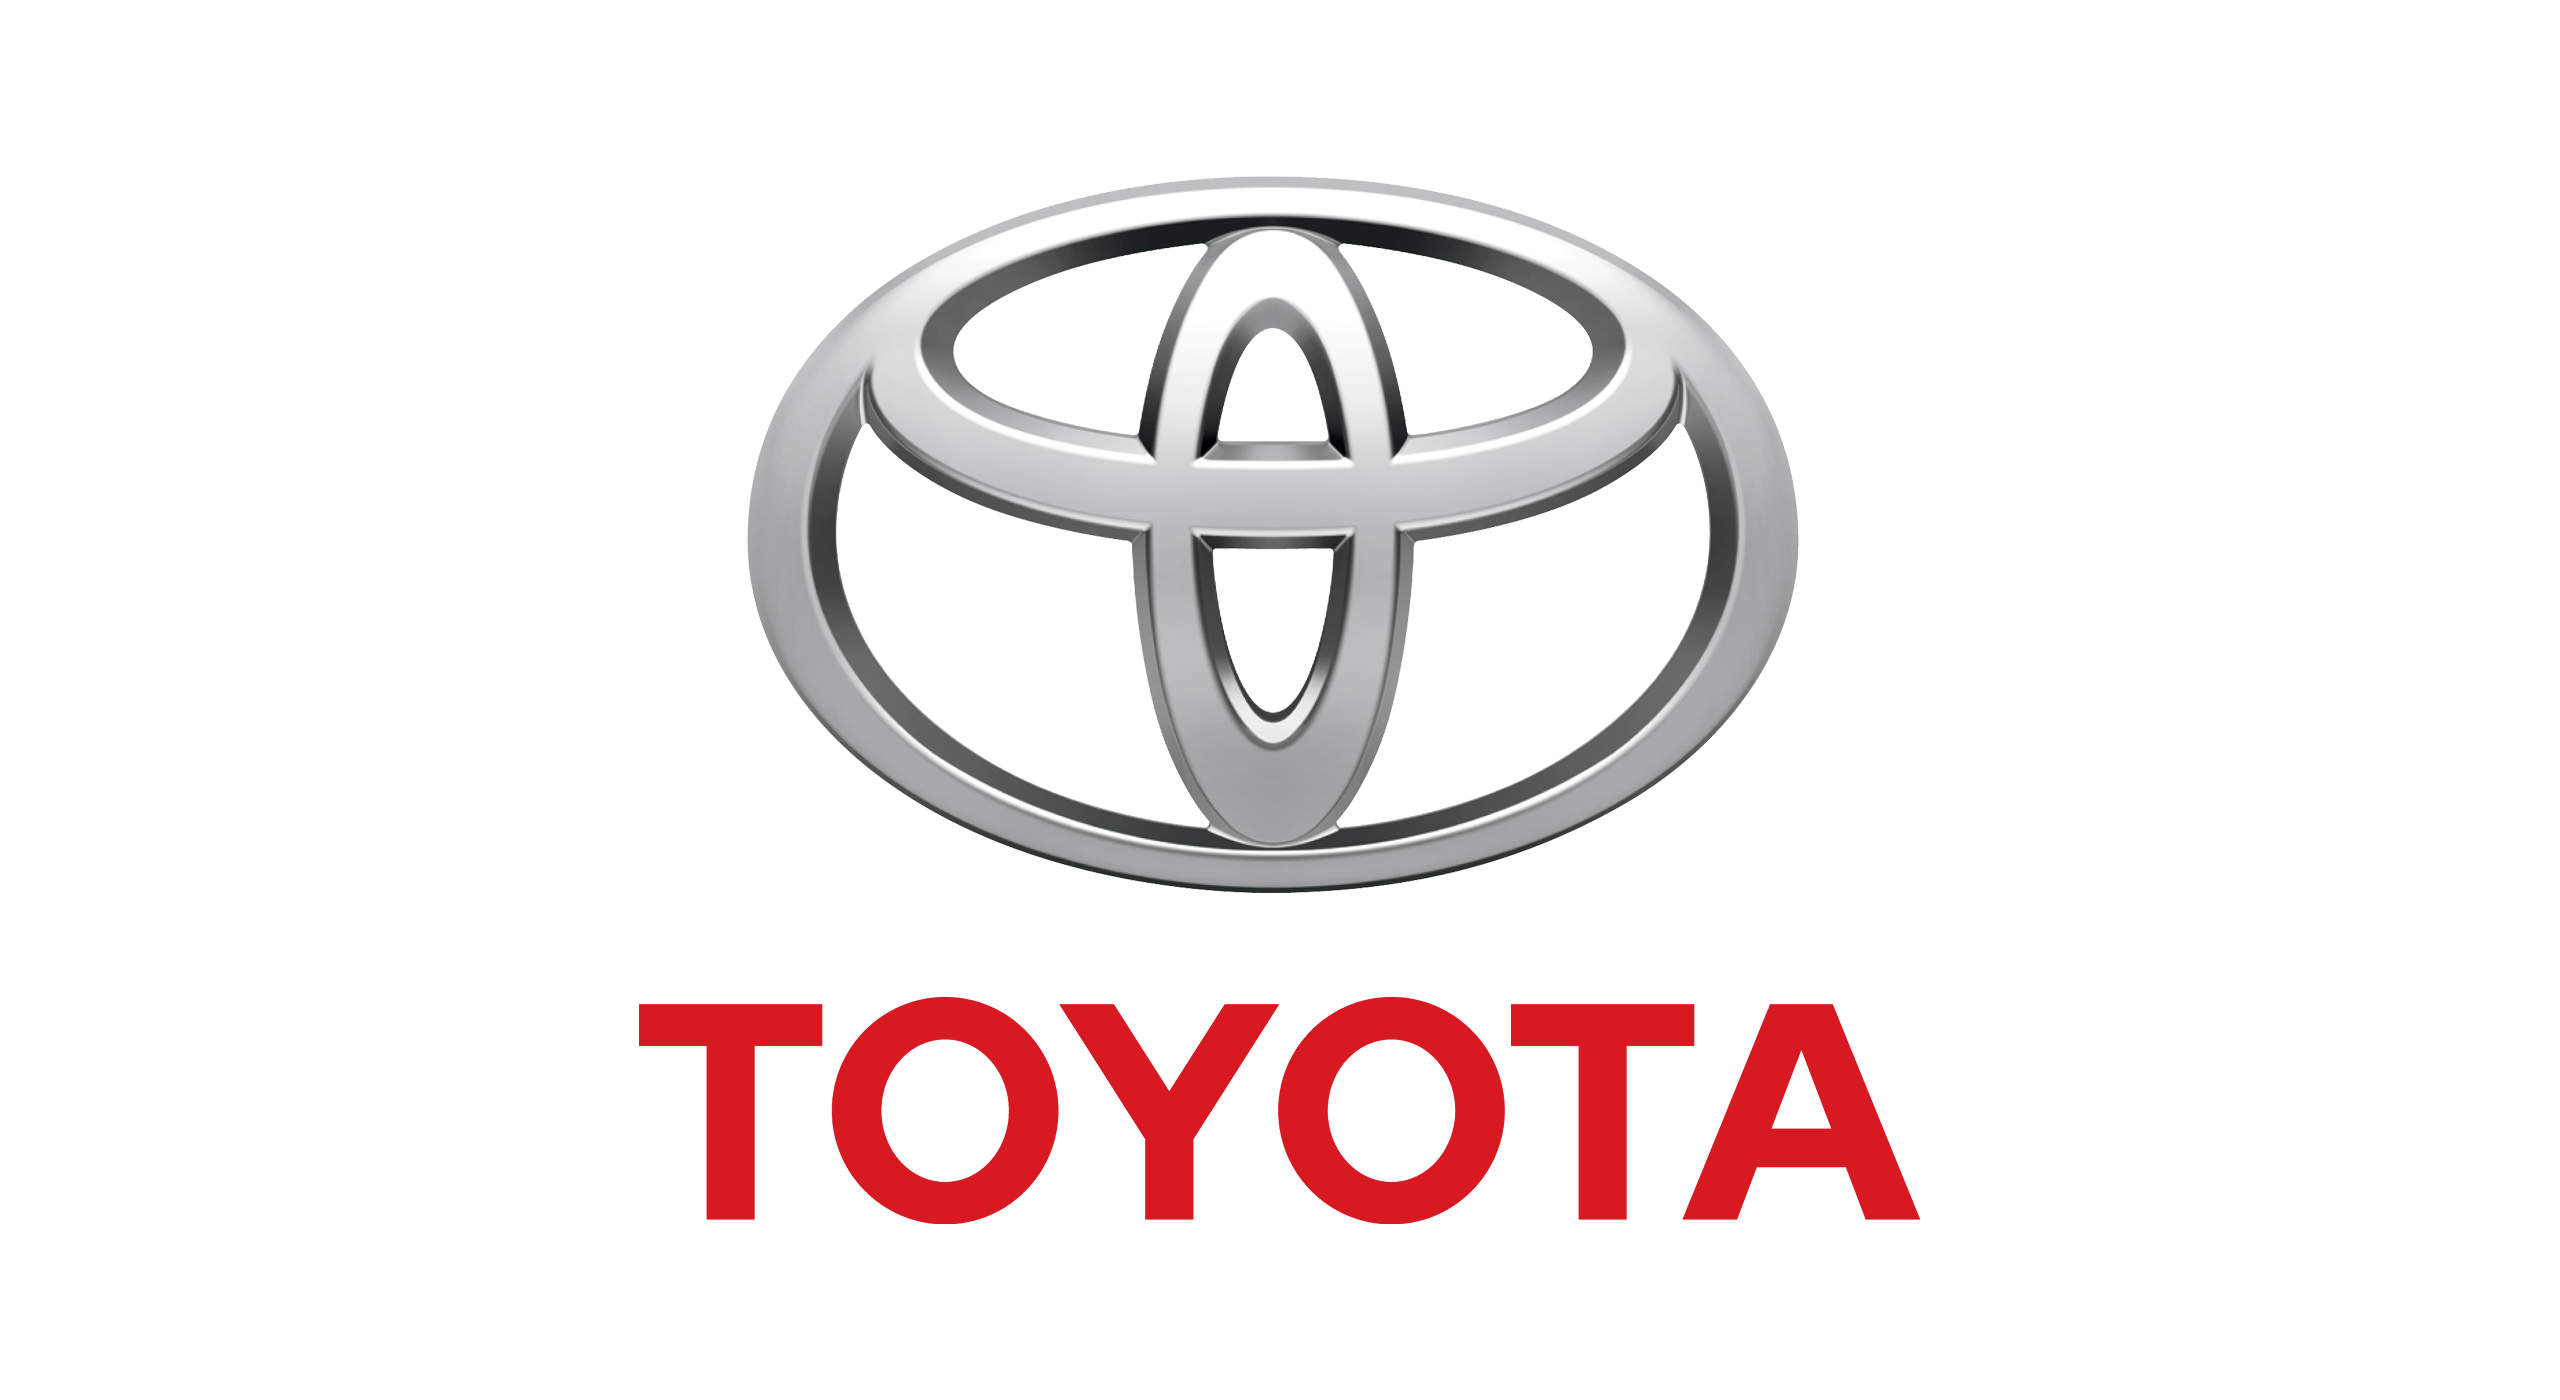 Toyota Logo Free Download Png